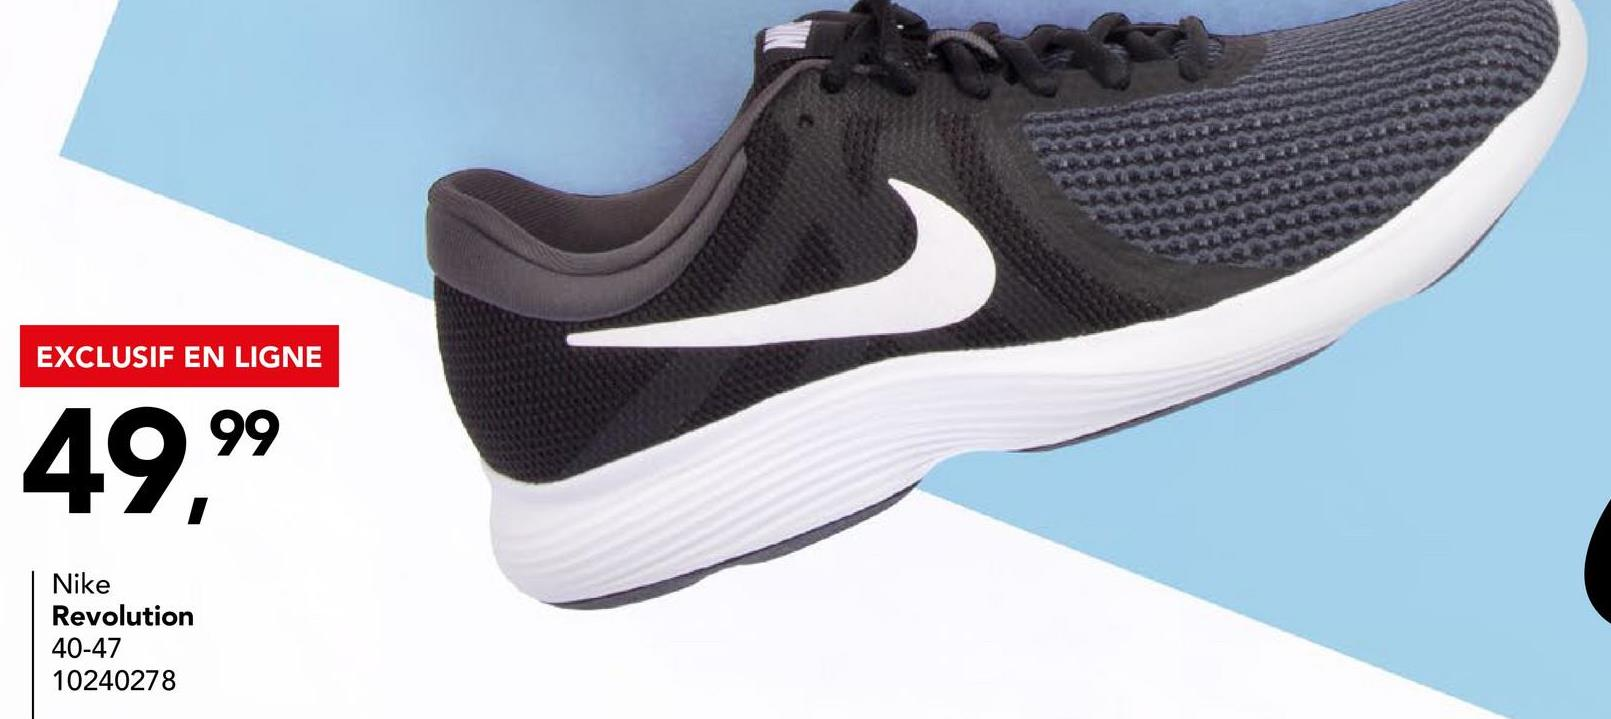 Chaussure de sport Nike Vous cherchez une chaussure de course audacieuse? Essayez sans tarder cette chaussure de course Downshifter 7 de la marque Nike en noir à détails en rose.